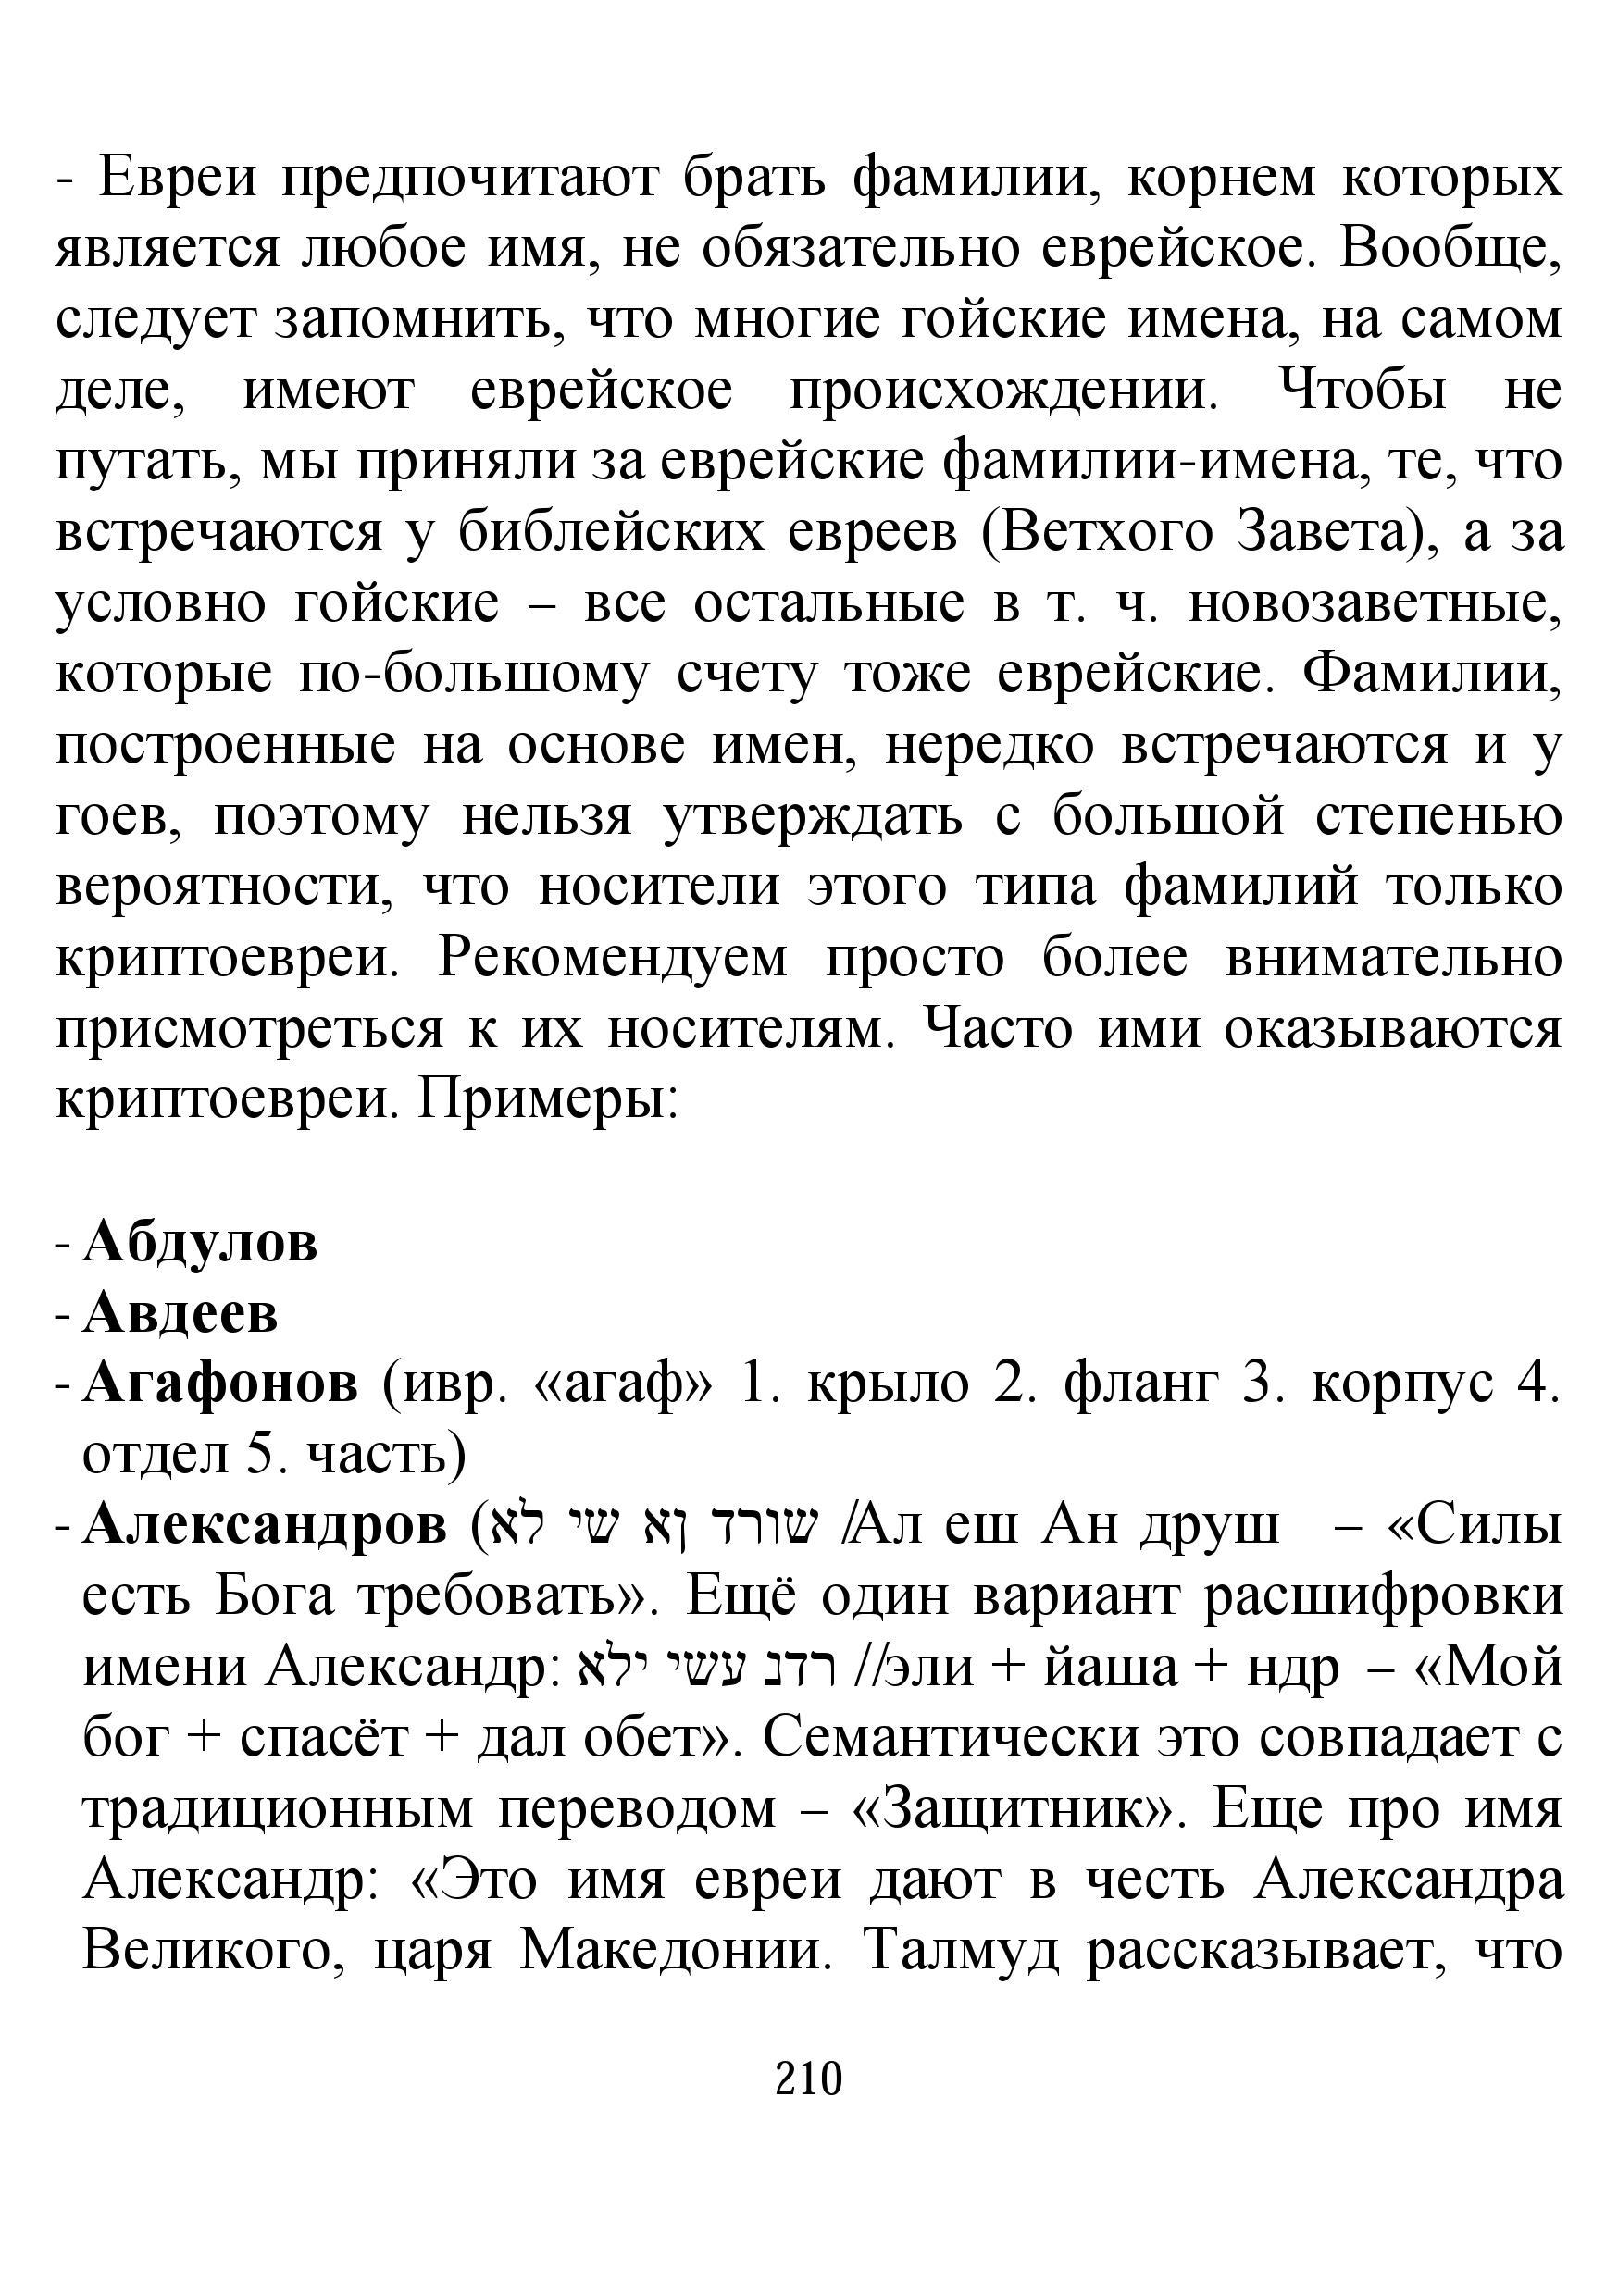 http://sg.uploads.ru/MAJVx.jpg